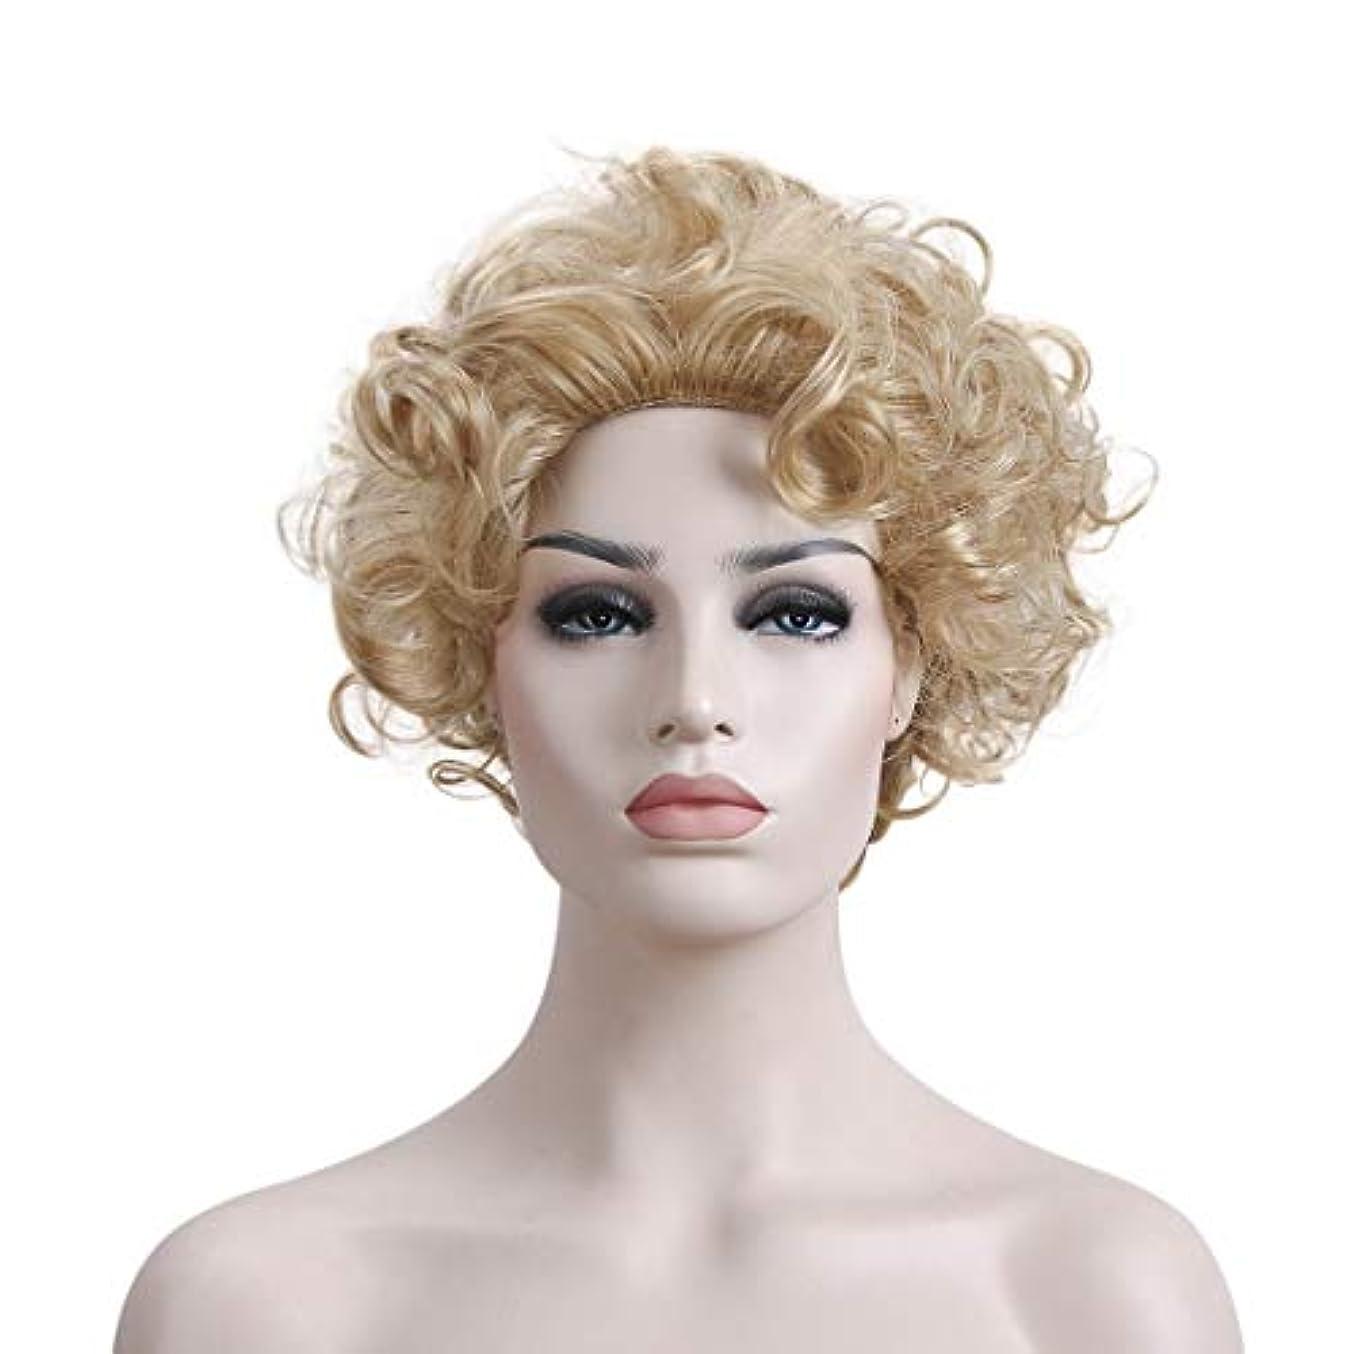 トラック酔って競うYOUQIU 10インチホワイト女性金髪ボブウィッグ自然な熱のためのショートカーリーウィッグ性合成ファッションかつらウィッグ (色 : ゴールド, サイズ : 10